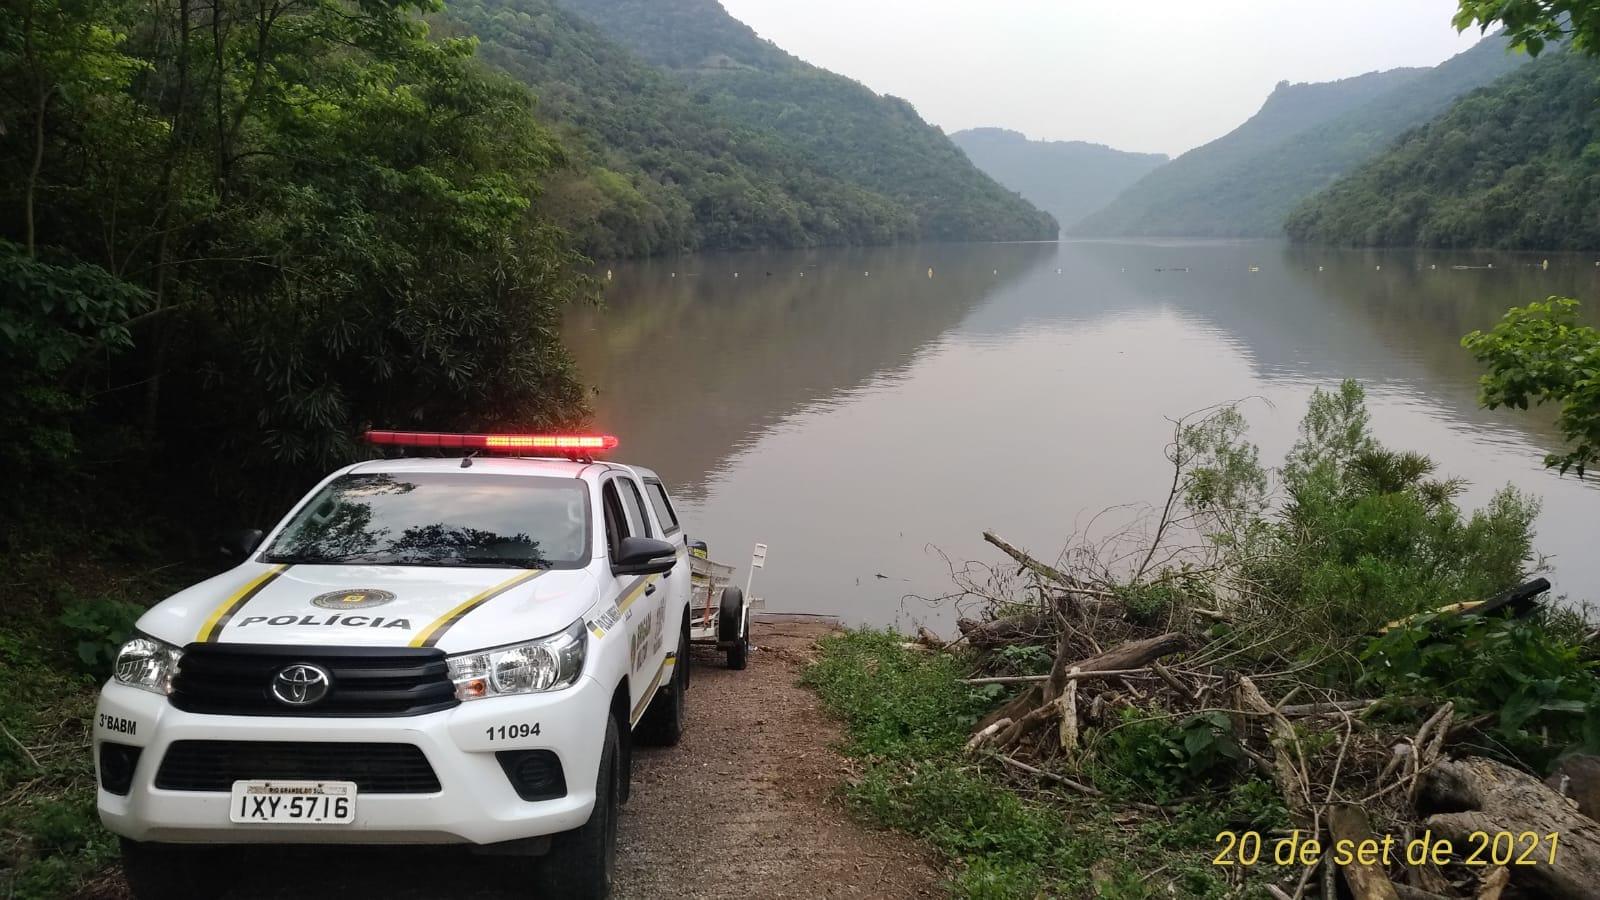 3º Batalhão Ambiental da Brigada Militar realiza operação no Rio das Antas